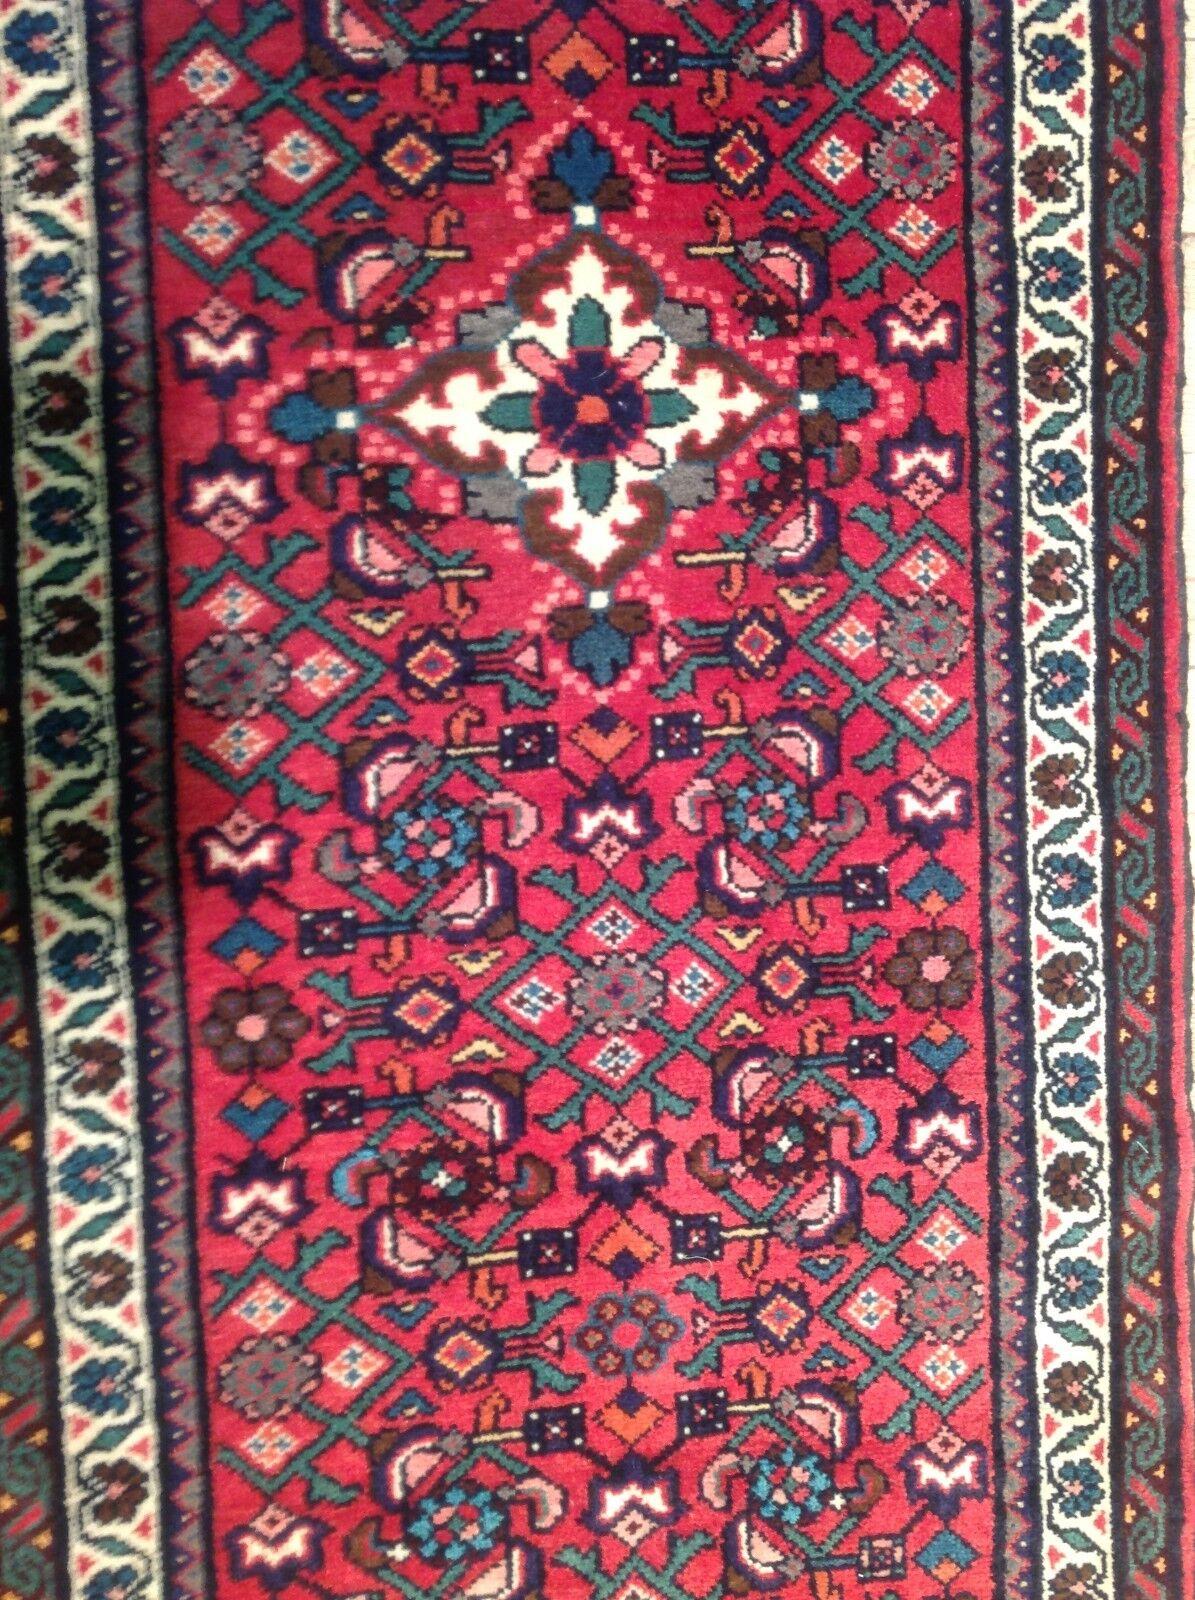 Blattschale Konfektschale Konfektschale Konfektschale 24x20 cm  Herend Ungarn e0e25a